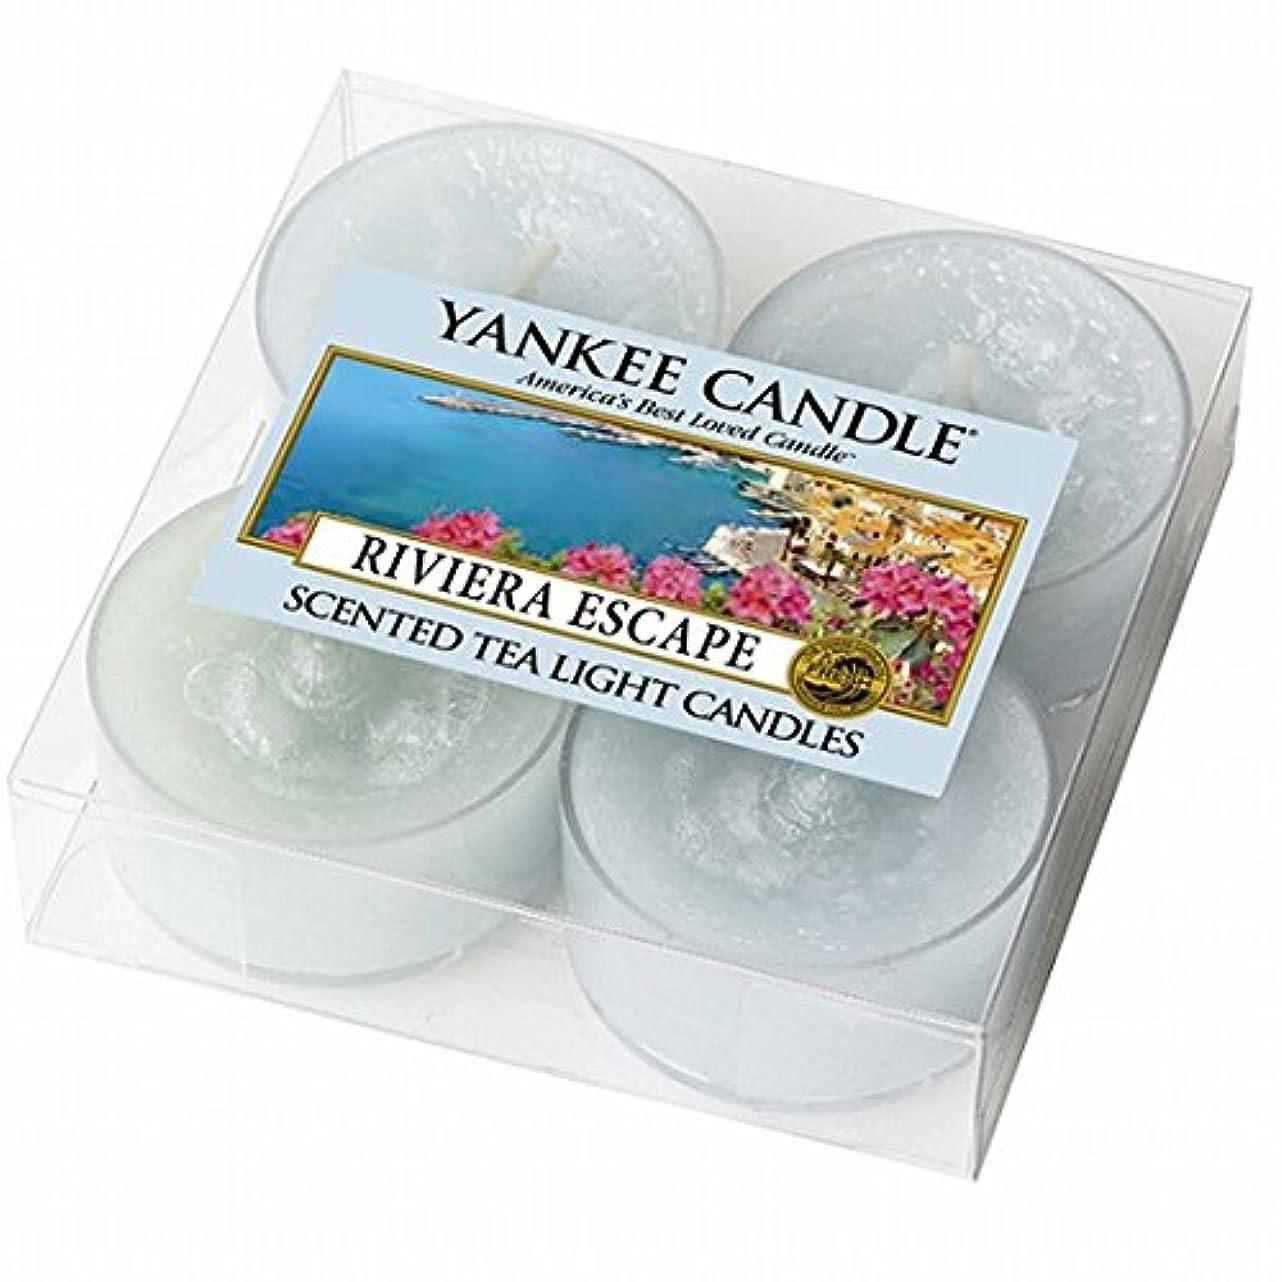 ブリリアントデモンストレーション波紋YANKEE CANDLE(ヤンキーキャンドル) YANKEE CANDLE クリアカップティーライト4個入り 「リビエラエスケープ」(K00205276)